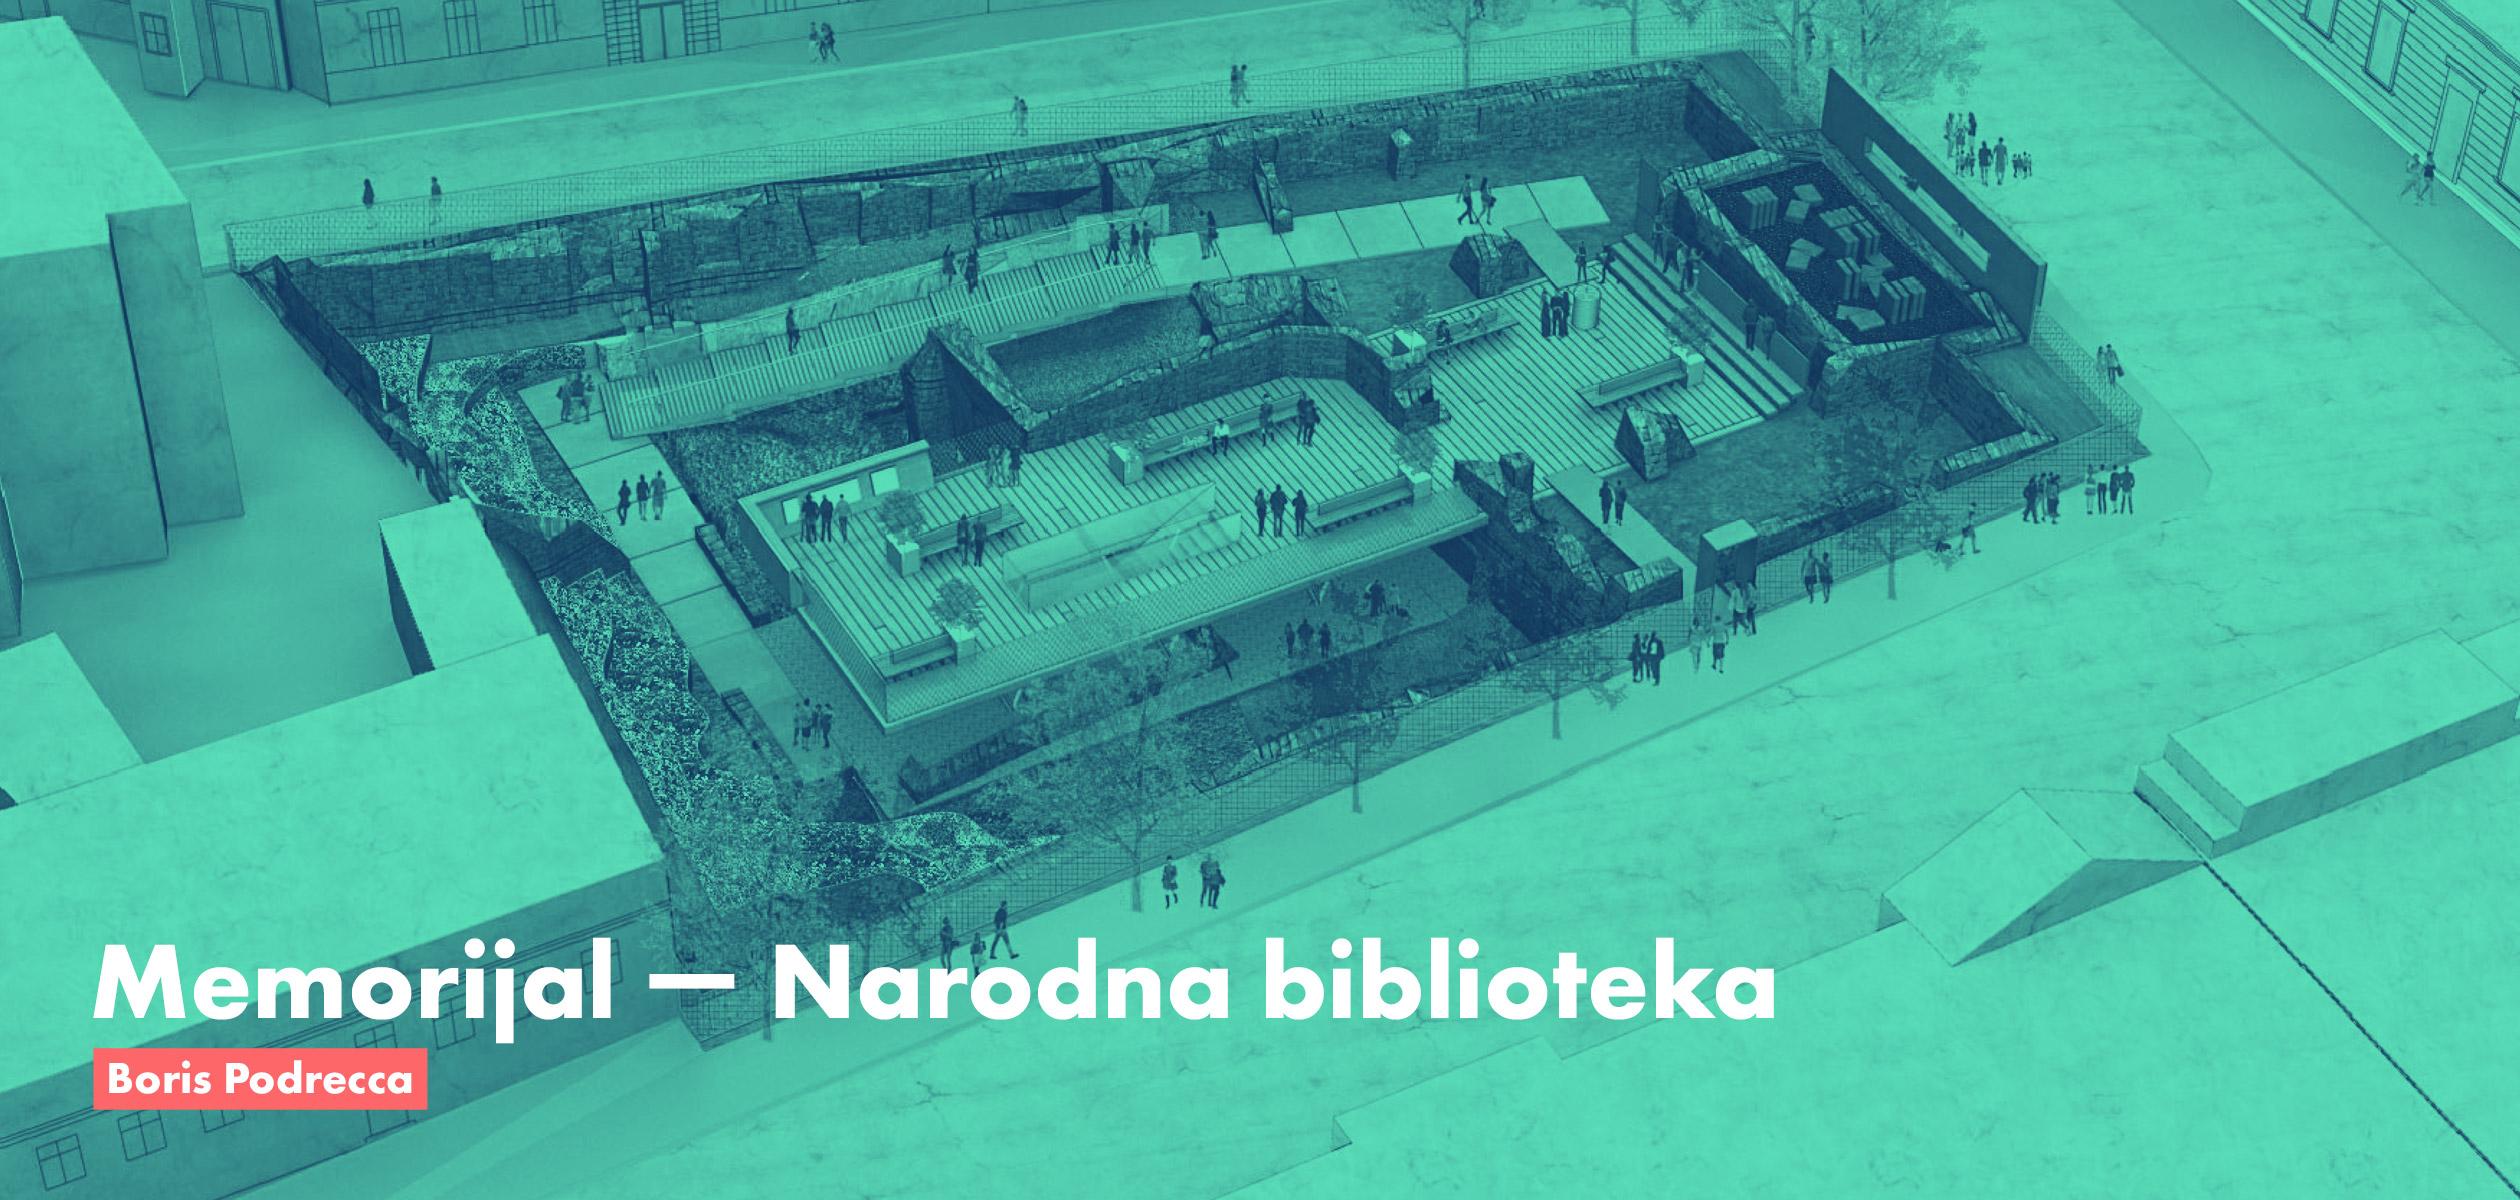 memorijl-narodna-biblioteka.jpg